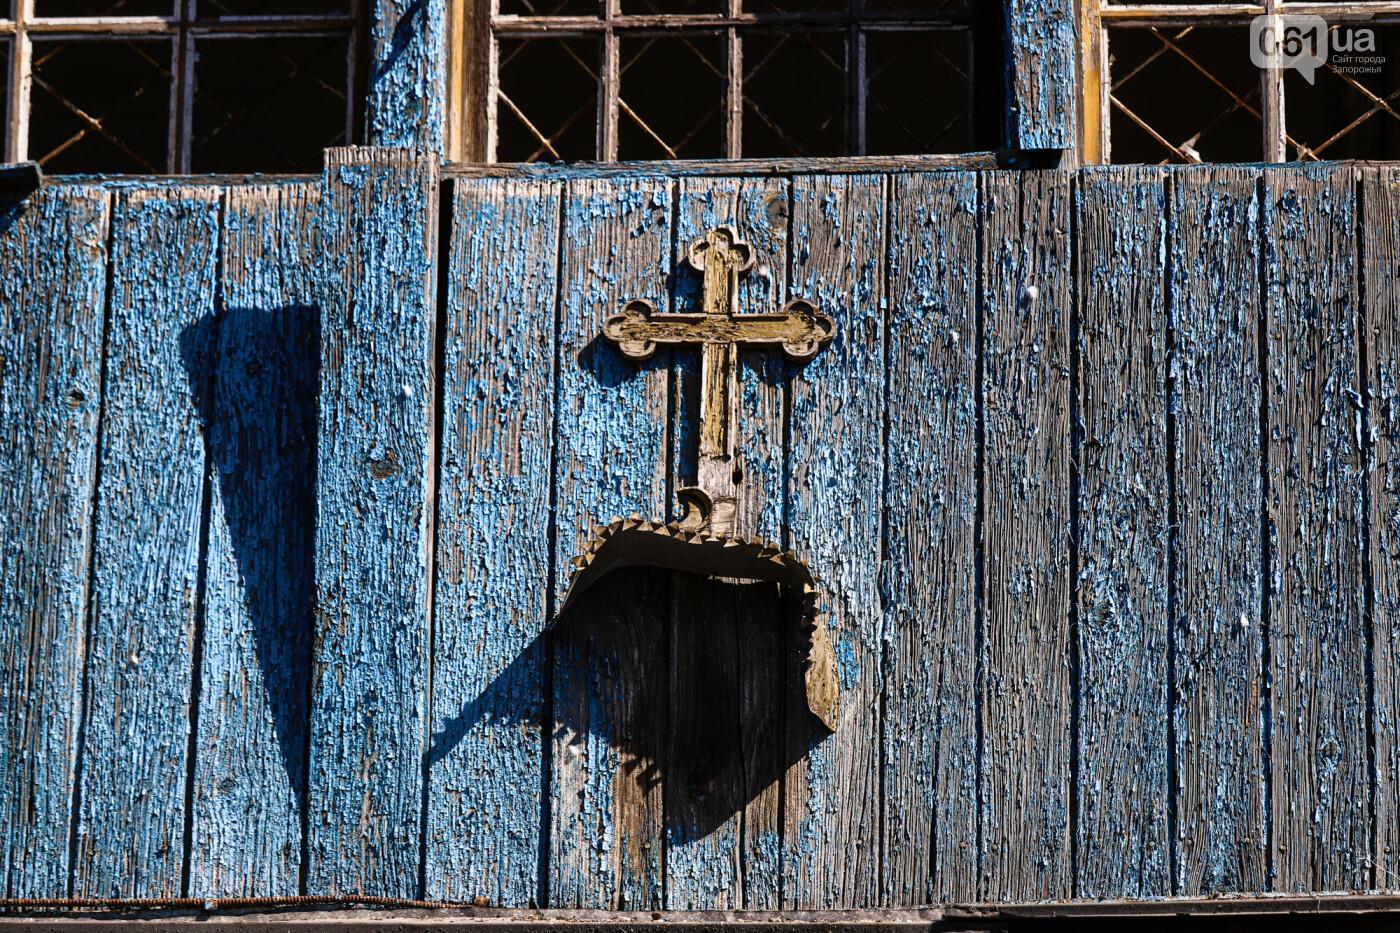 """""""Дело пономарей"""": в Запорожье начали разбирать храм, который пострадал в результате взрыва, - ФОТОРЕПОРТАЖ, фото-14"""